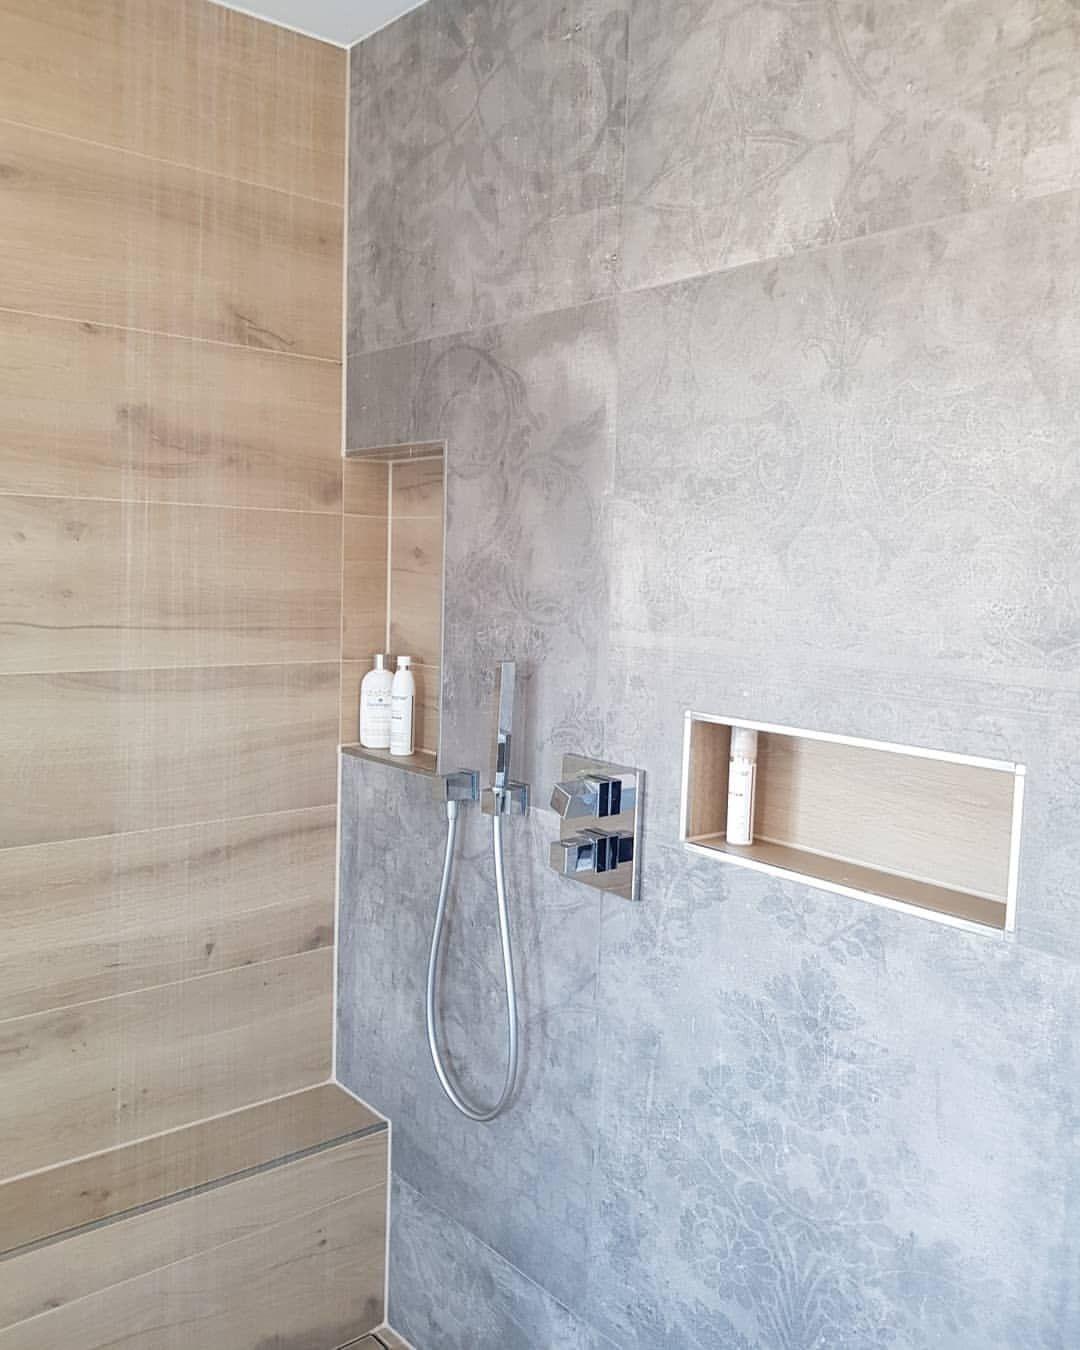 Full Size of Badewanne Mit Tür Und Dusche Bodengleiche Nachträglich Einbauen 80x80 Begehbare Fliesen Für Glastür Ebenerdig Pendeltür Glaswand Unterputz Armatur Dusche Rainshower Dusche